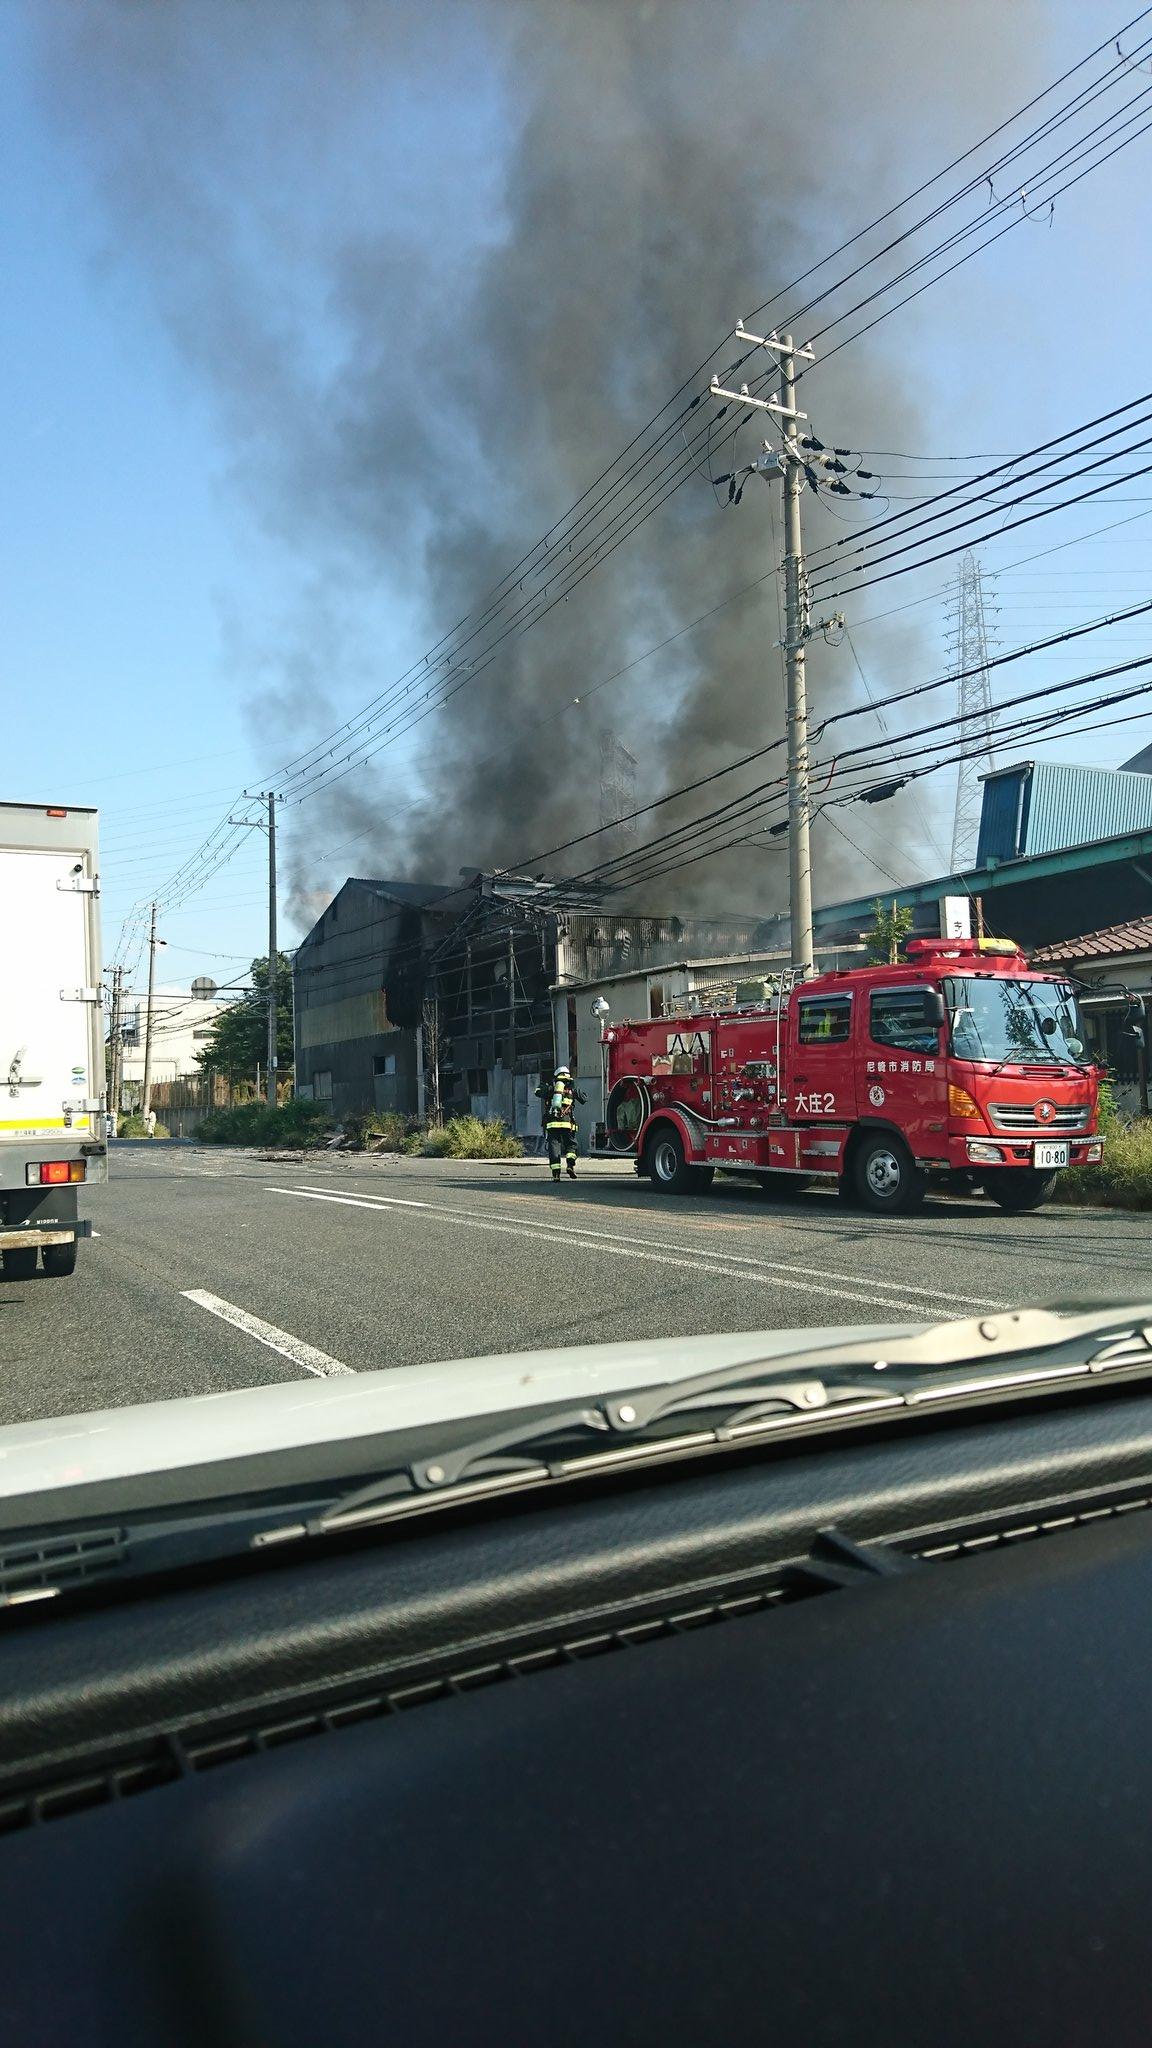 尼崎市元浜町の工場で爆発火災が起きた現場の画像